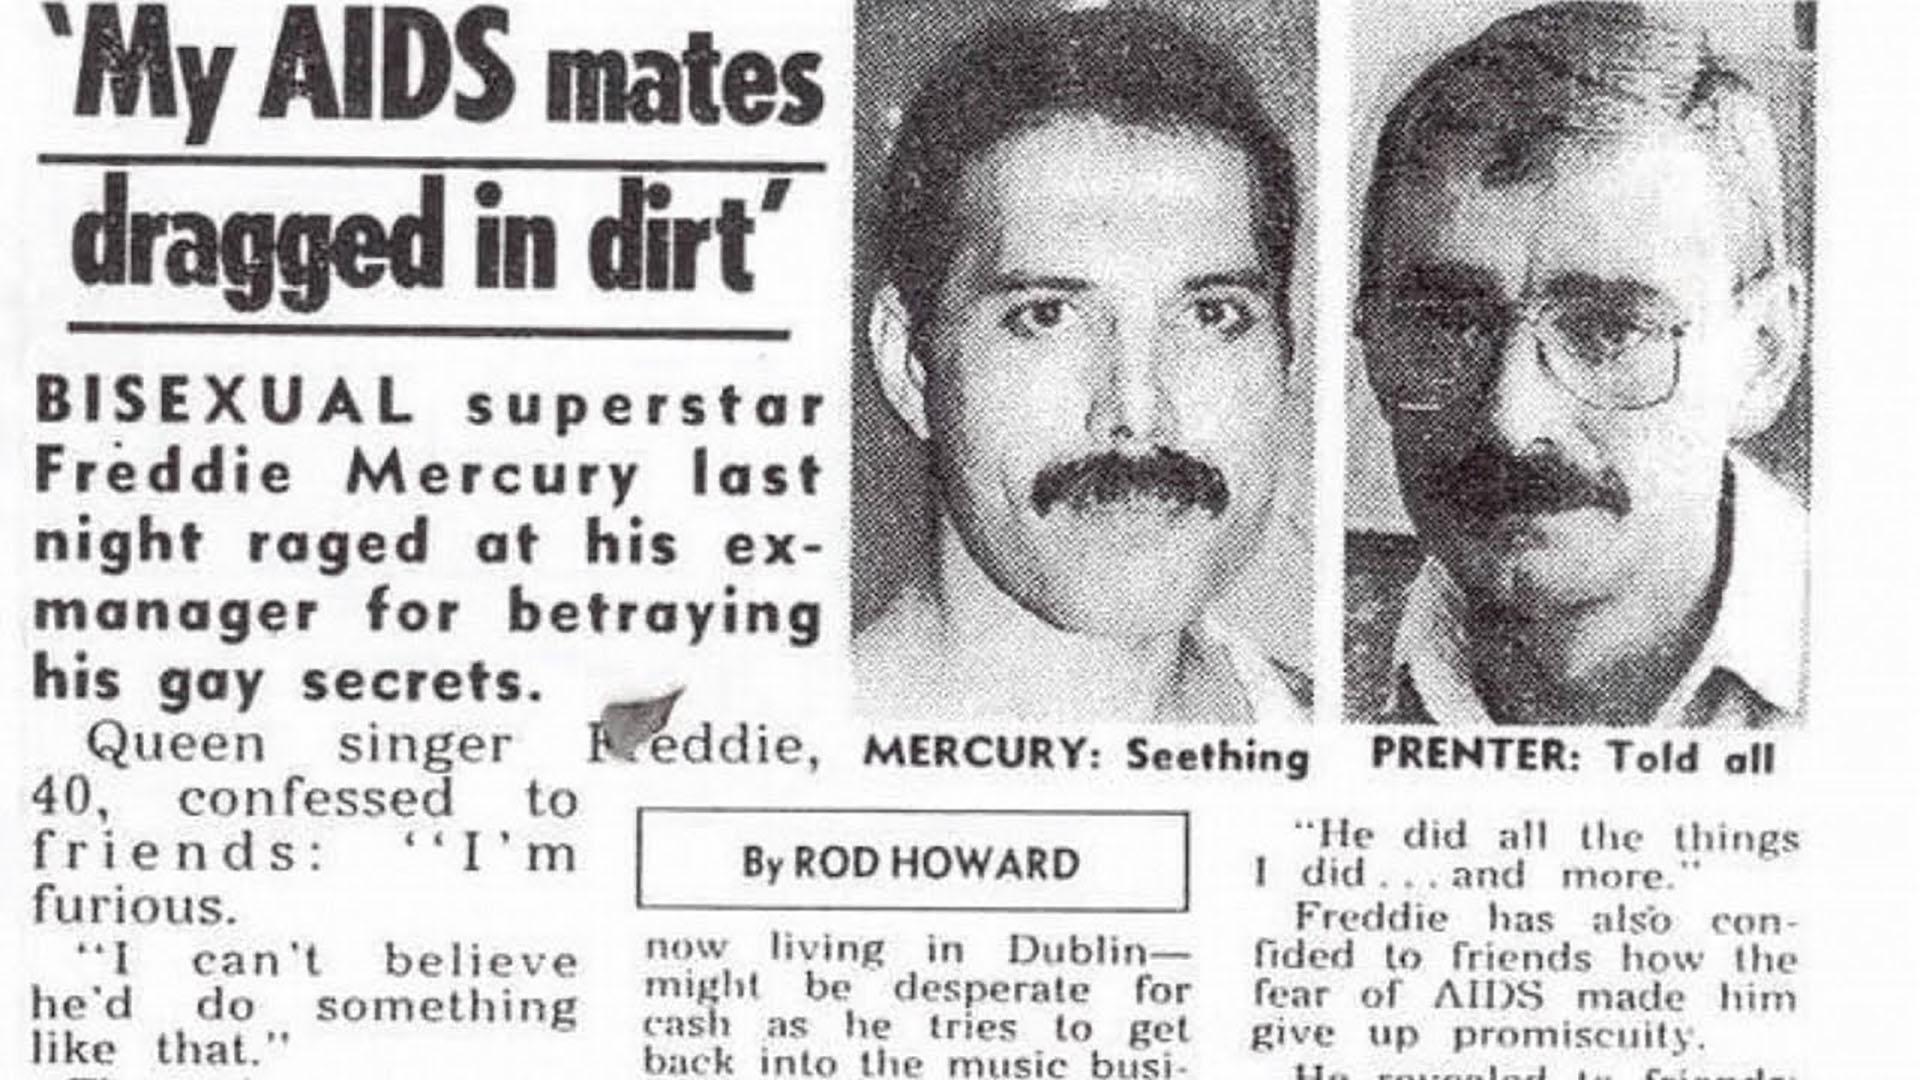 Amores, confesiones y traición: el hombre que vendió a Freddie Mercury por  32 mil libras - Infobae